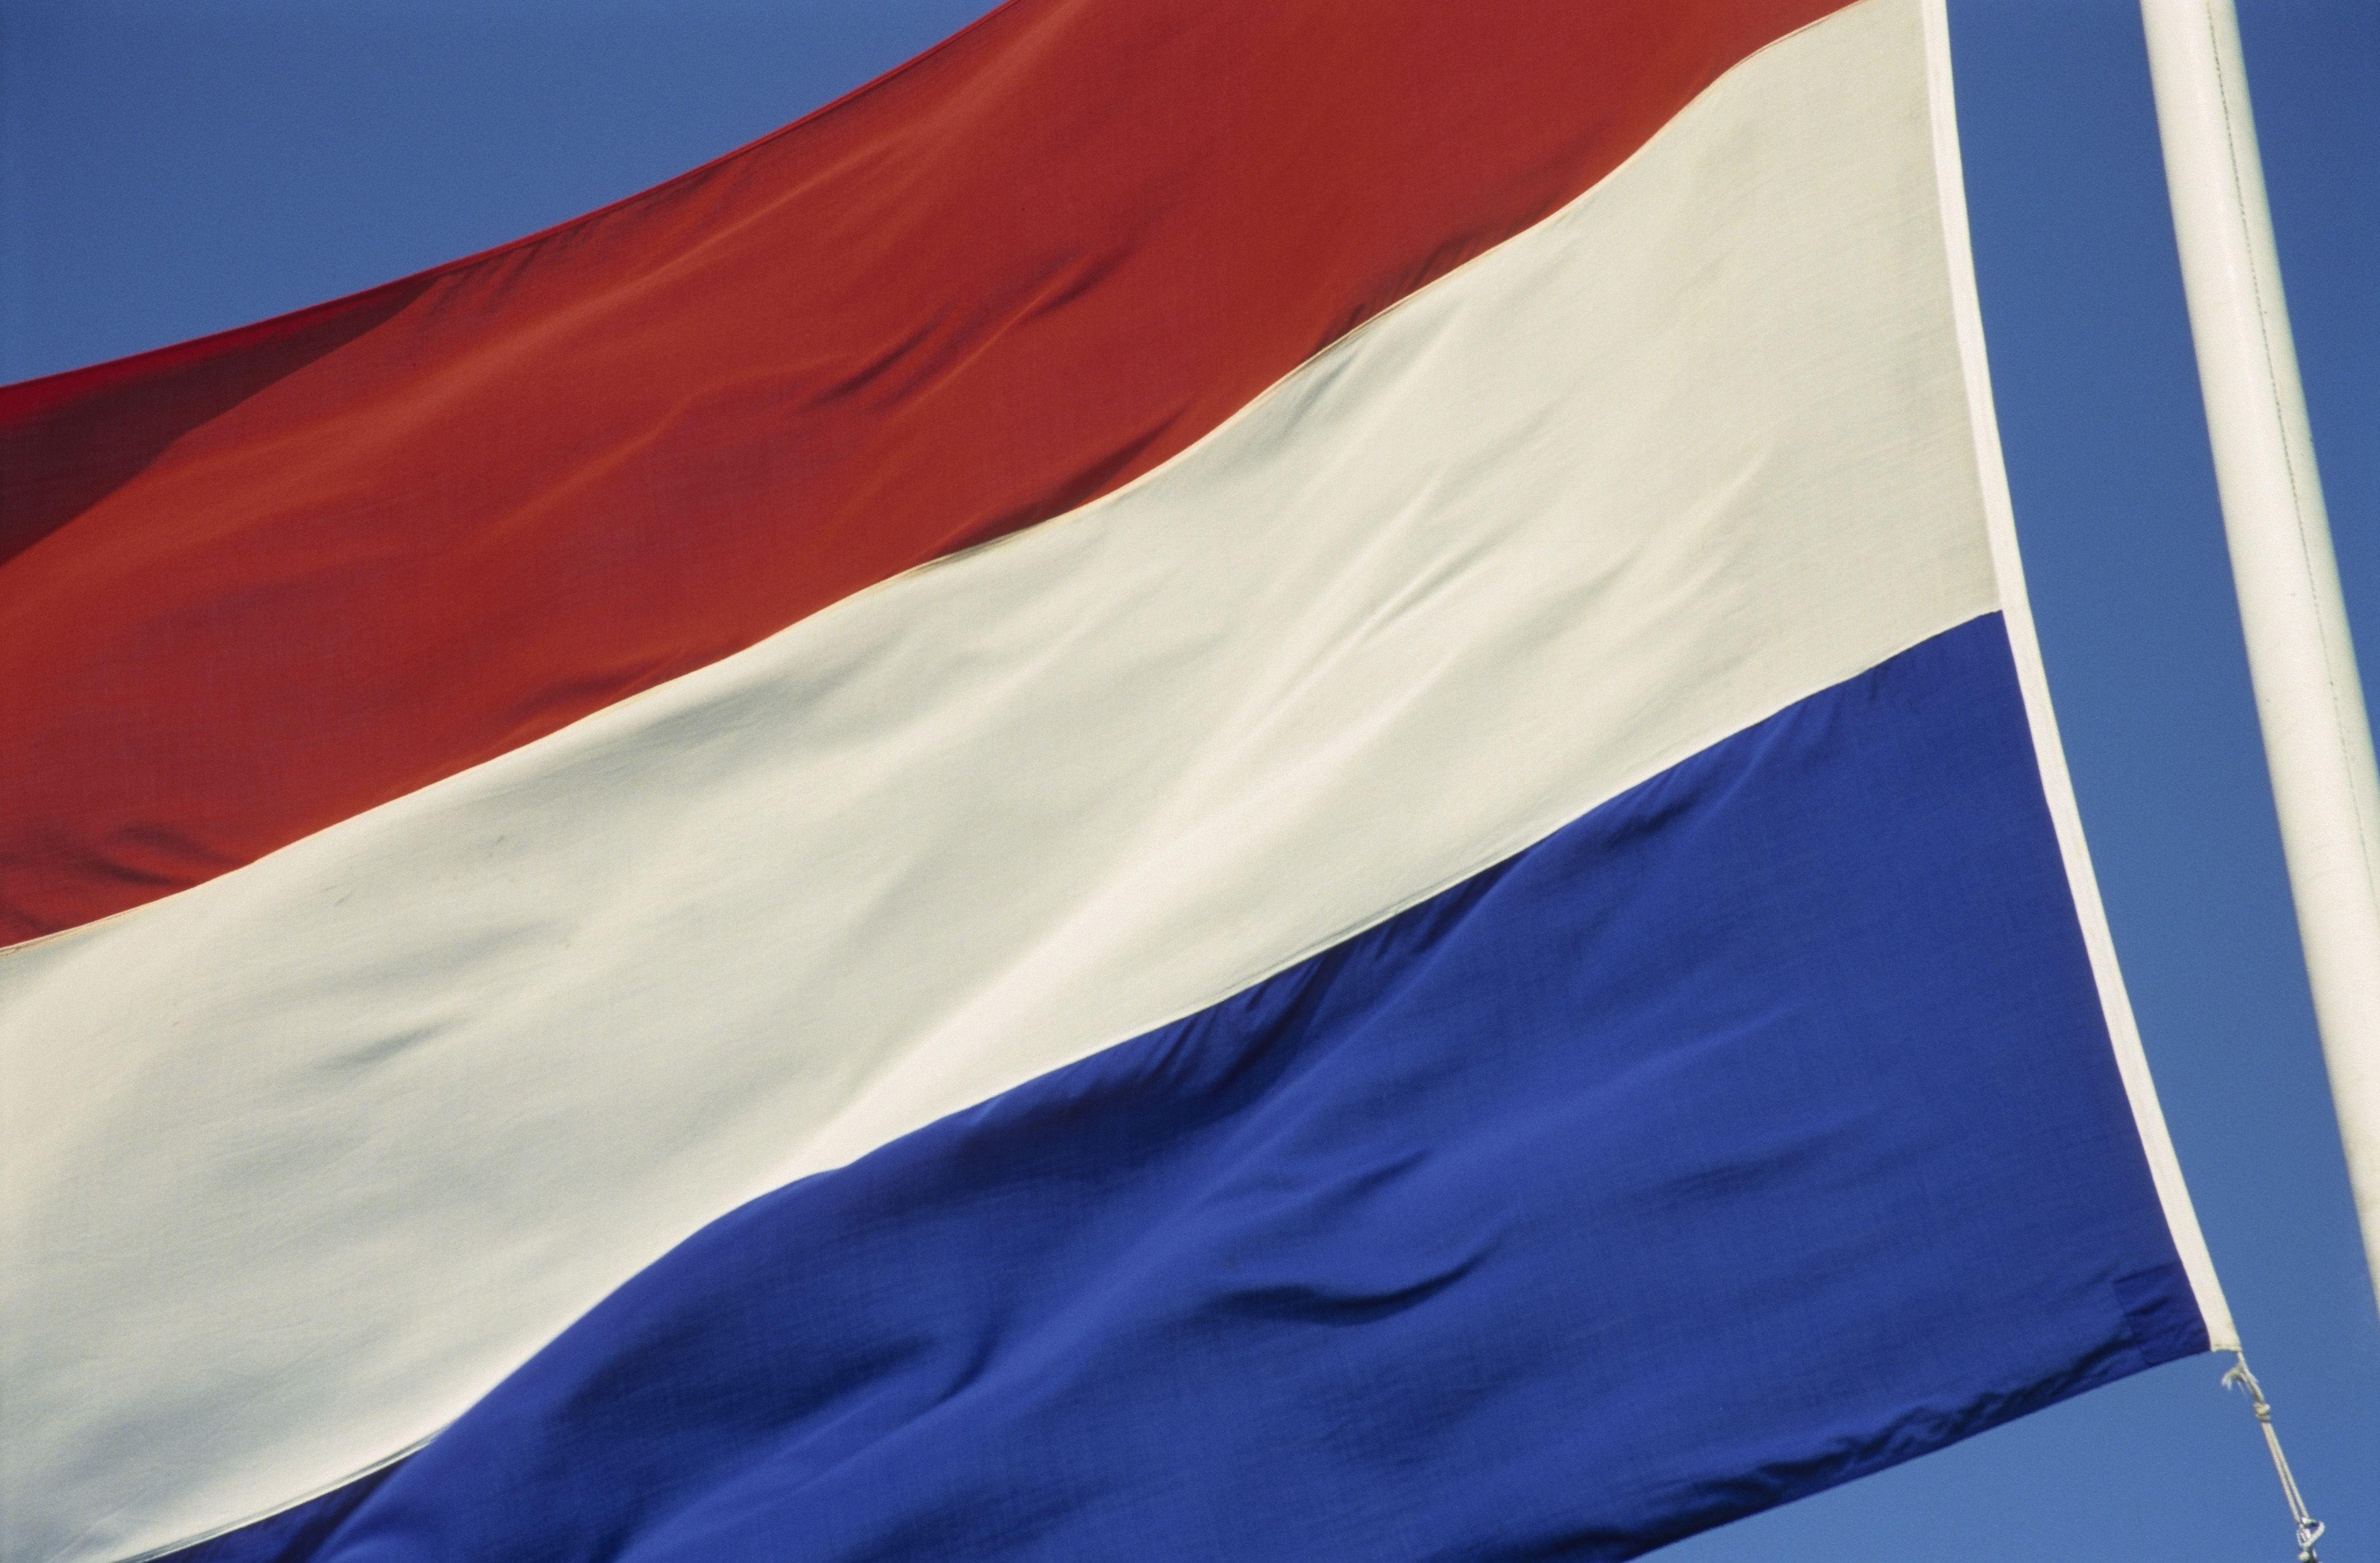 Ik kom uit, en woon in Nederland Wonen